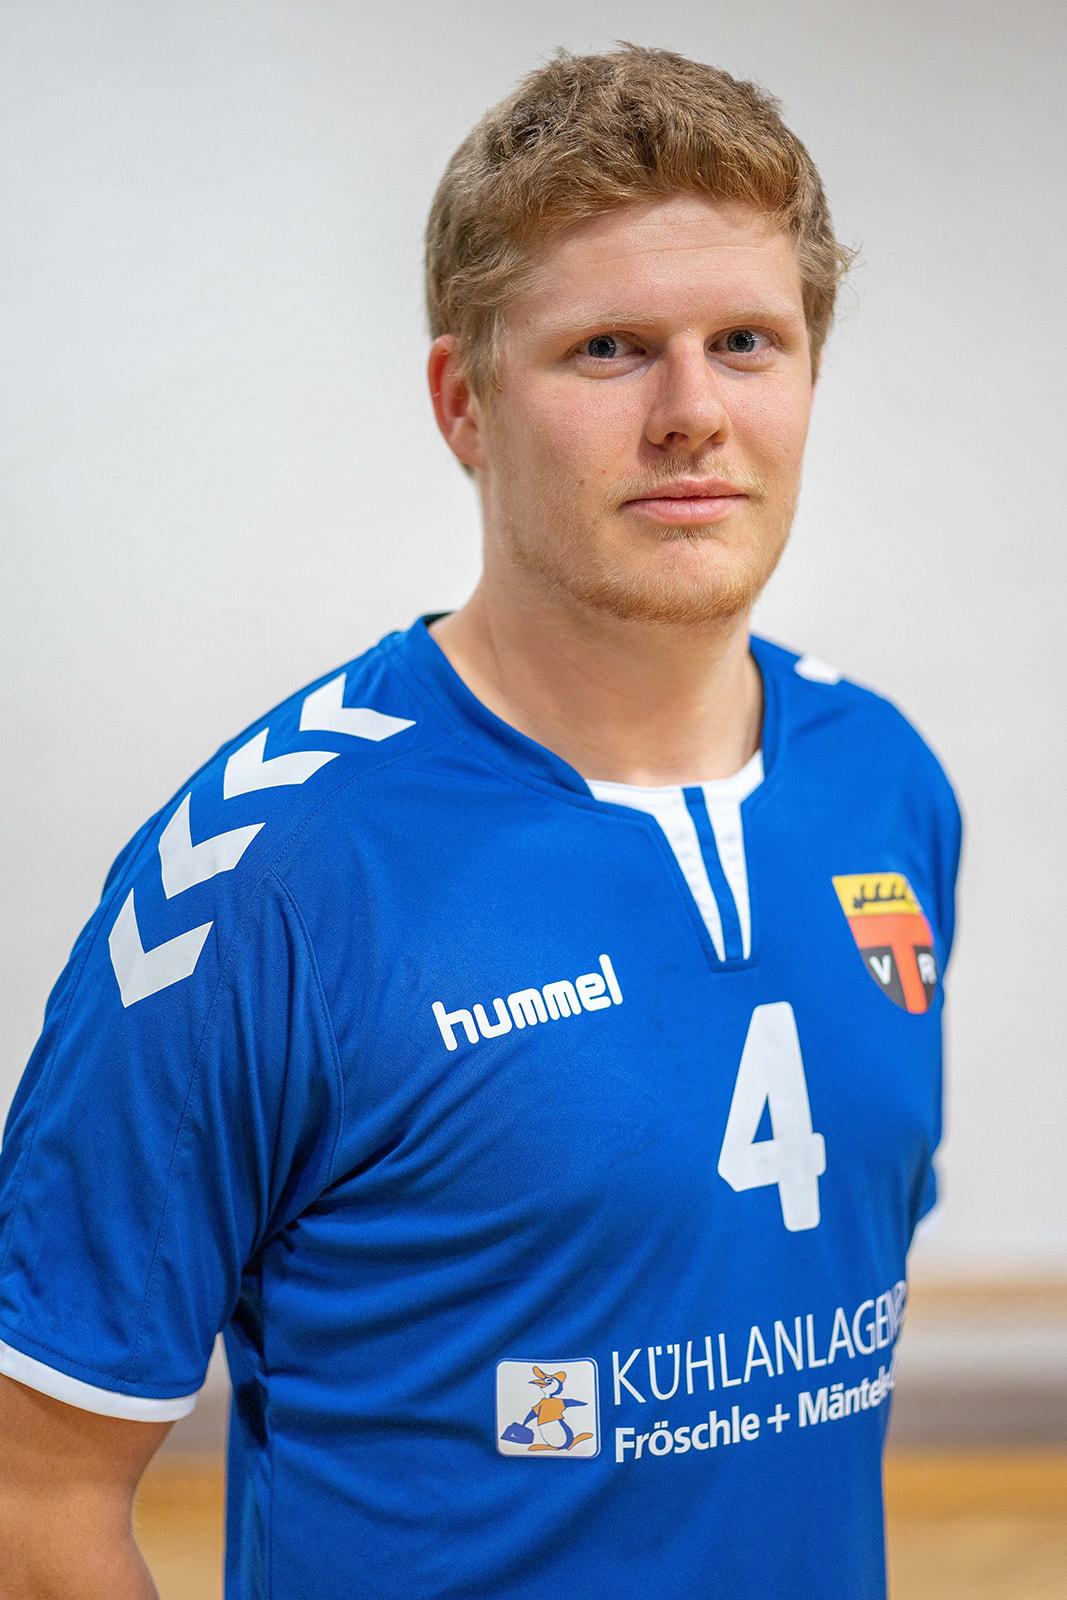 Yann Kienzlen